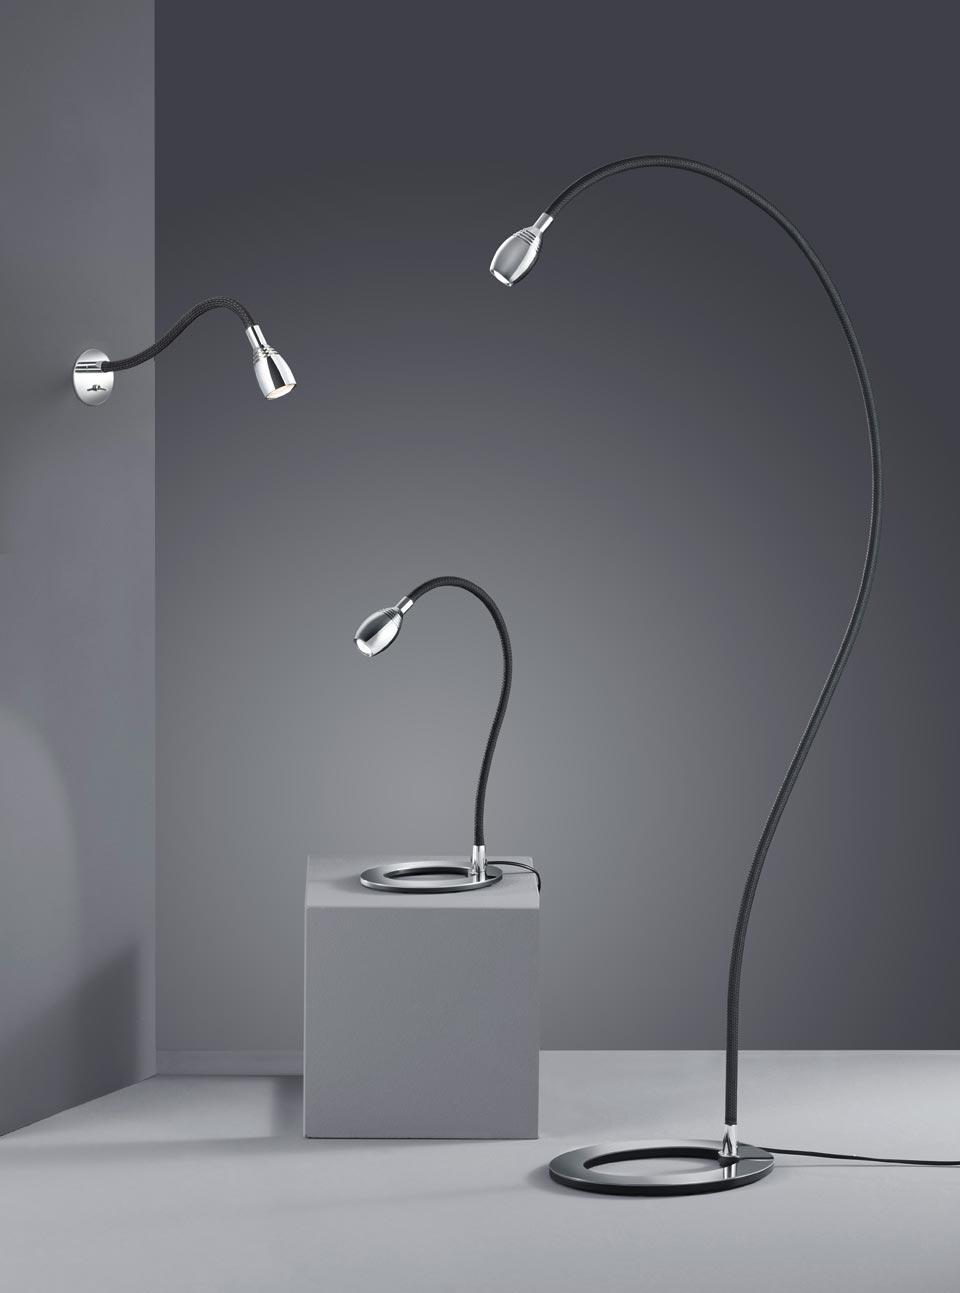 lampadaire liseuse sur pied flexible en textile camouflage. Black Bedroom Furniture Sets. Home Design Ideas